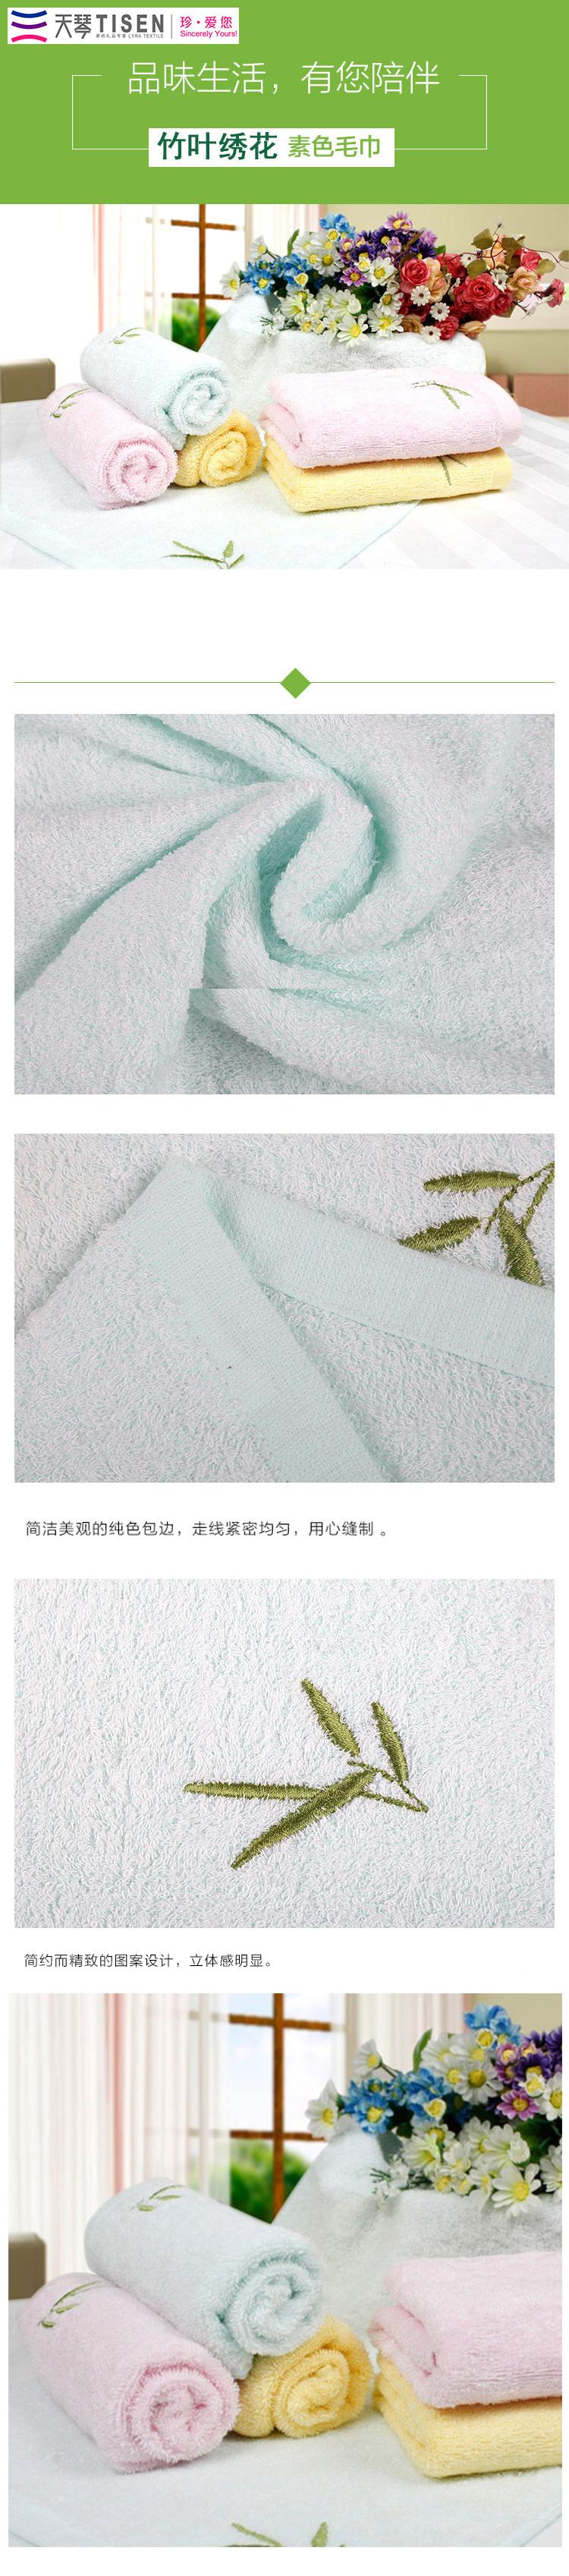 艳情�y�~Zy�ZJ~i{_天琴天然竹纤维素色浴品套装浴巾方巾毛巾